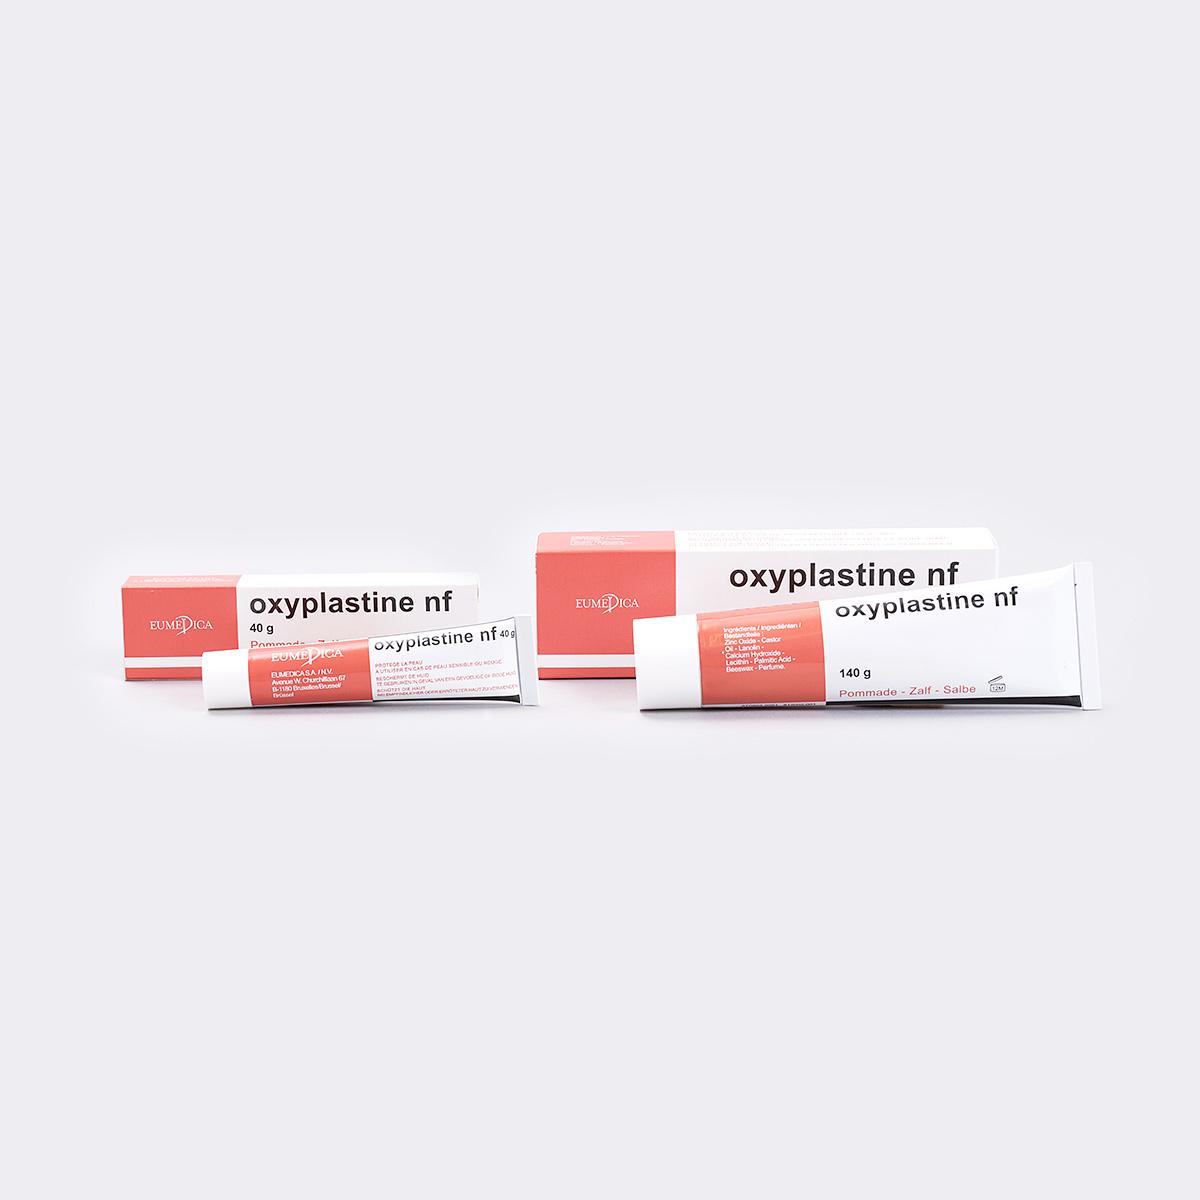 oxyplastine-family